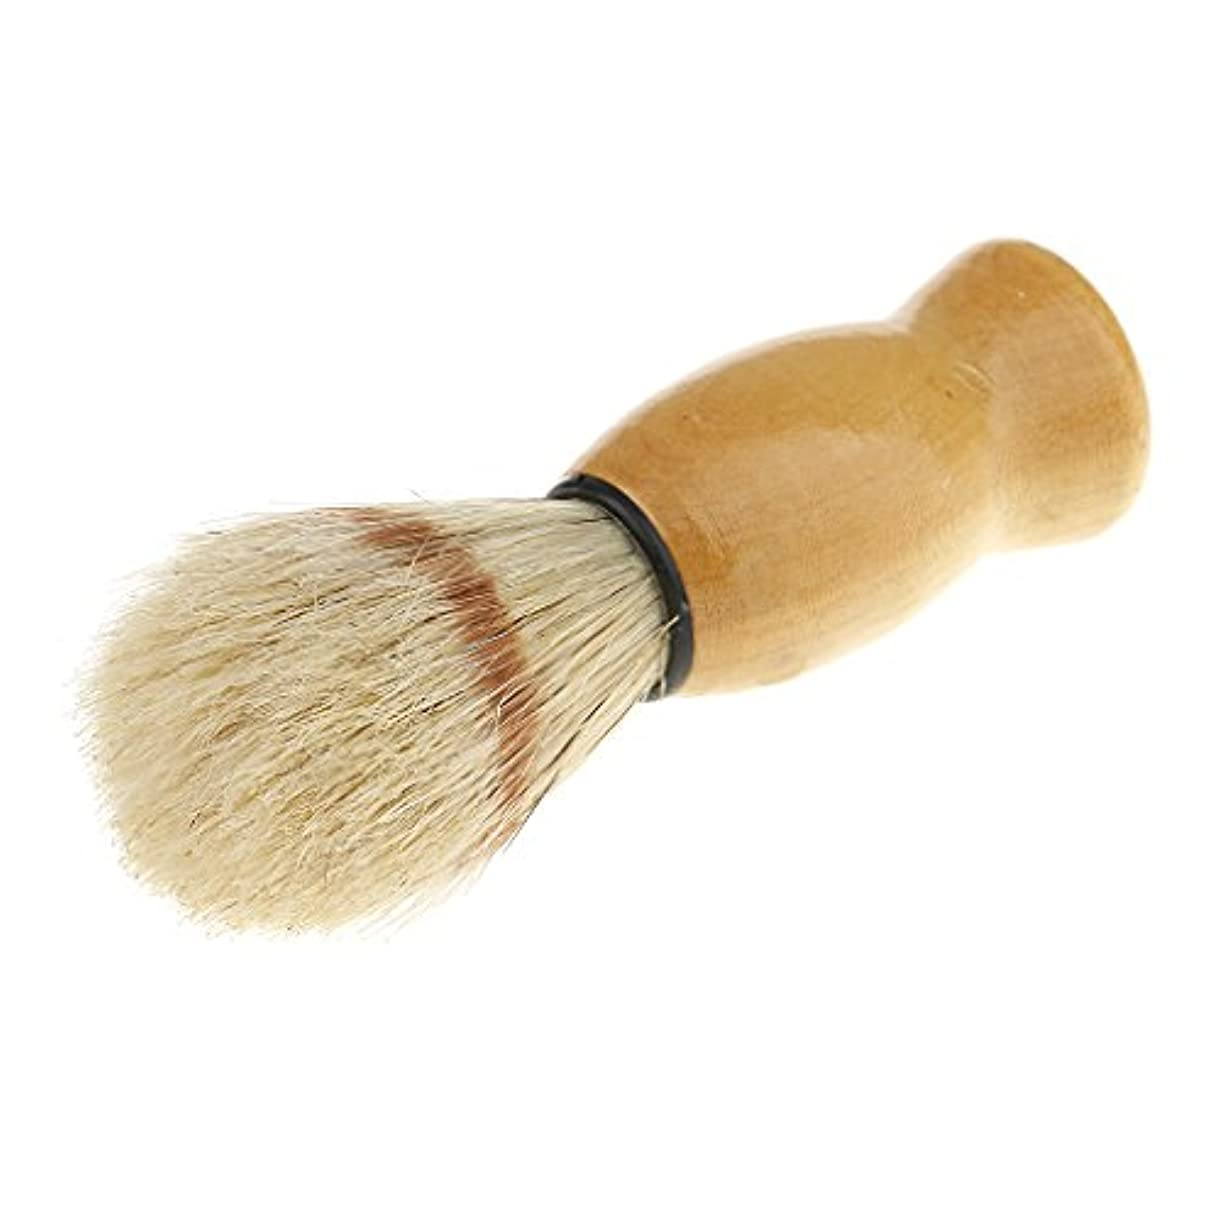 説得ベース幻滅Kesoto シェービングブラシ メンズ用 髭剃り 便利 柔らかい 理容 便携 全2色 - 黄